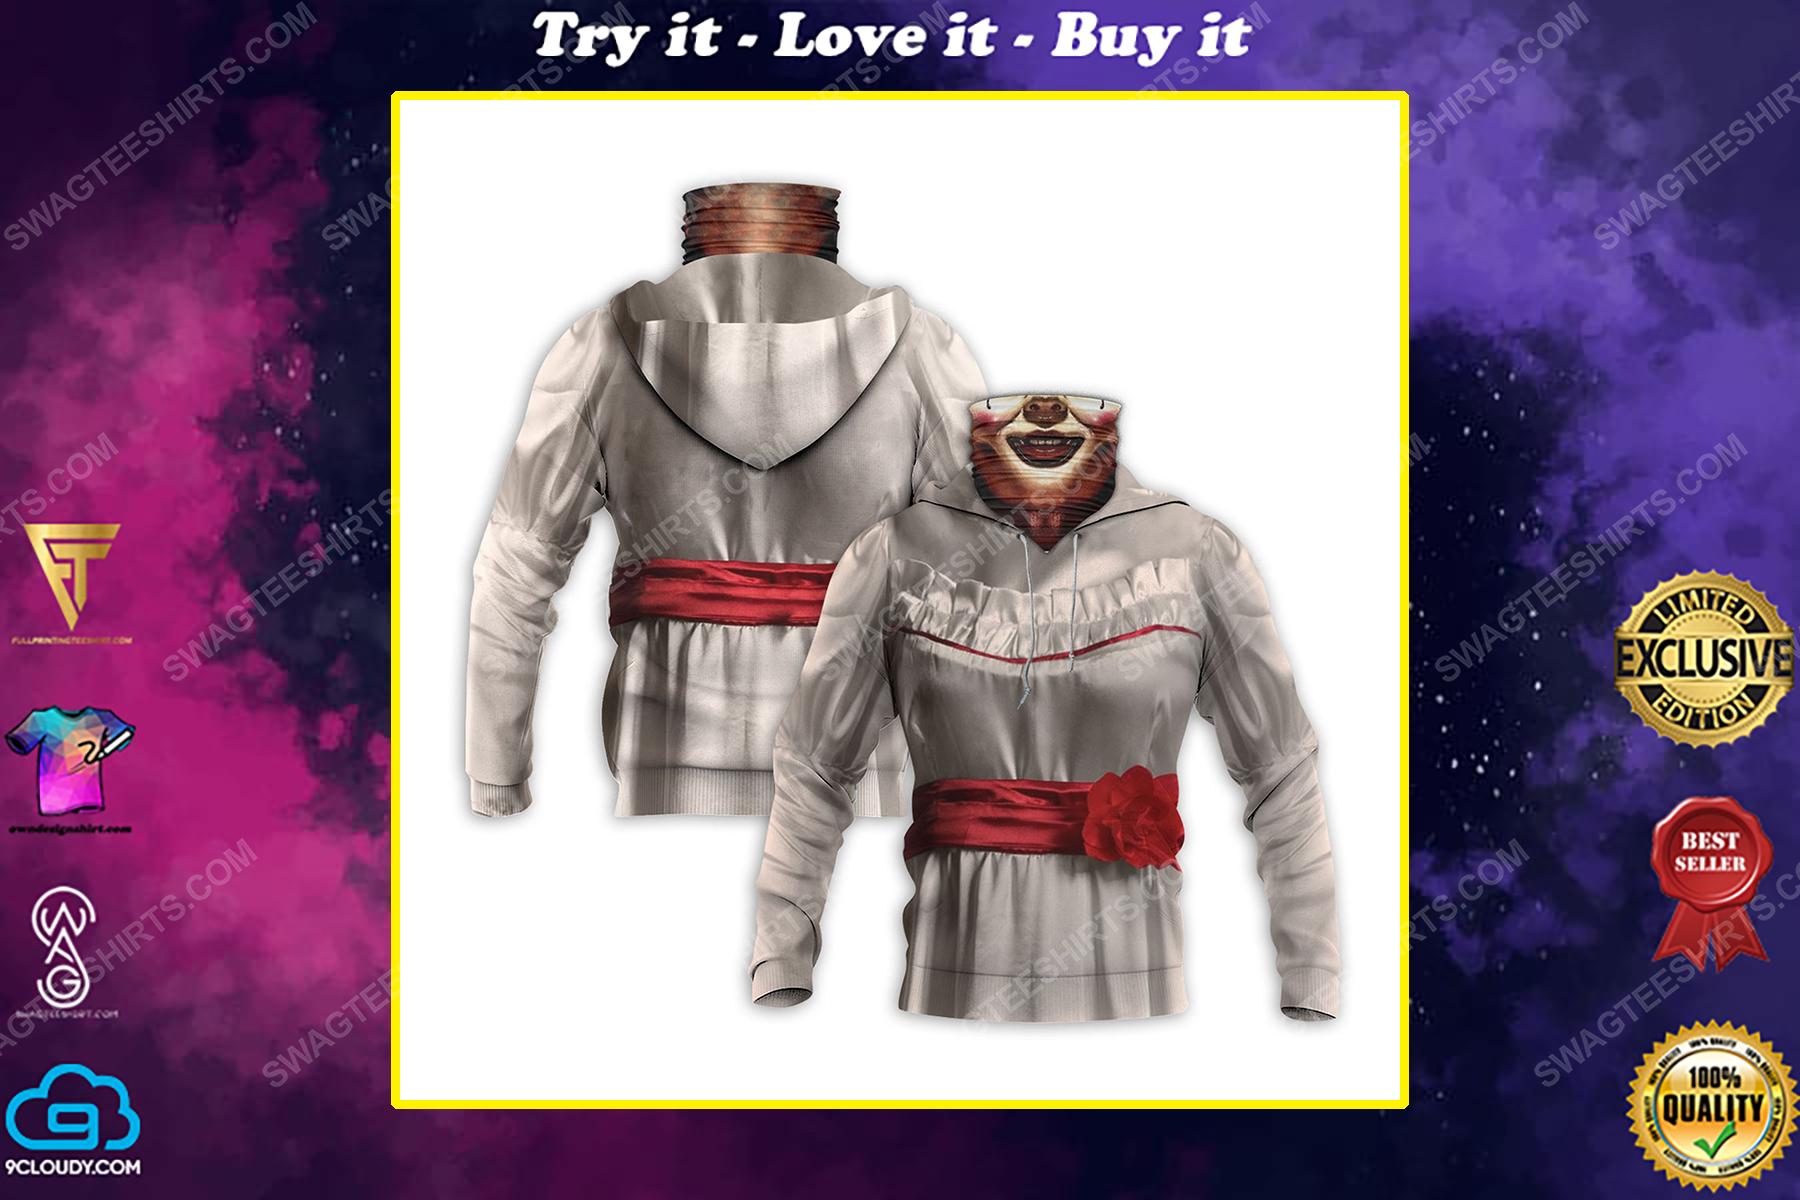 Horror movie annabelle for halloween full print mask hoodie